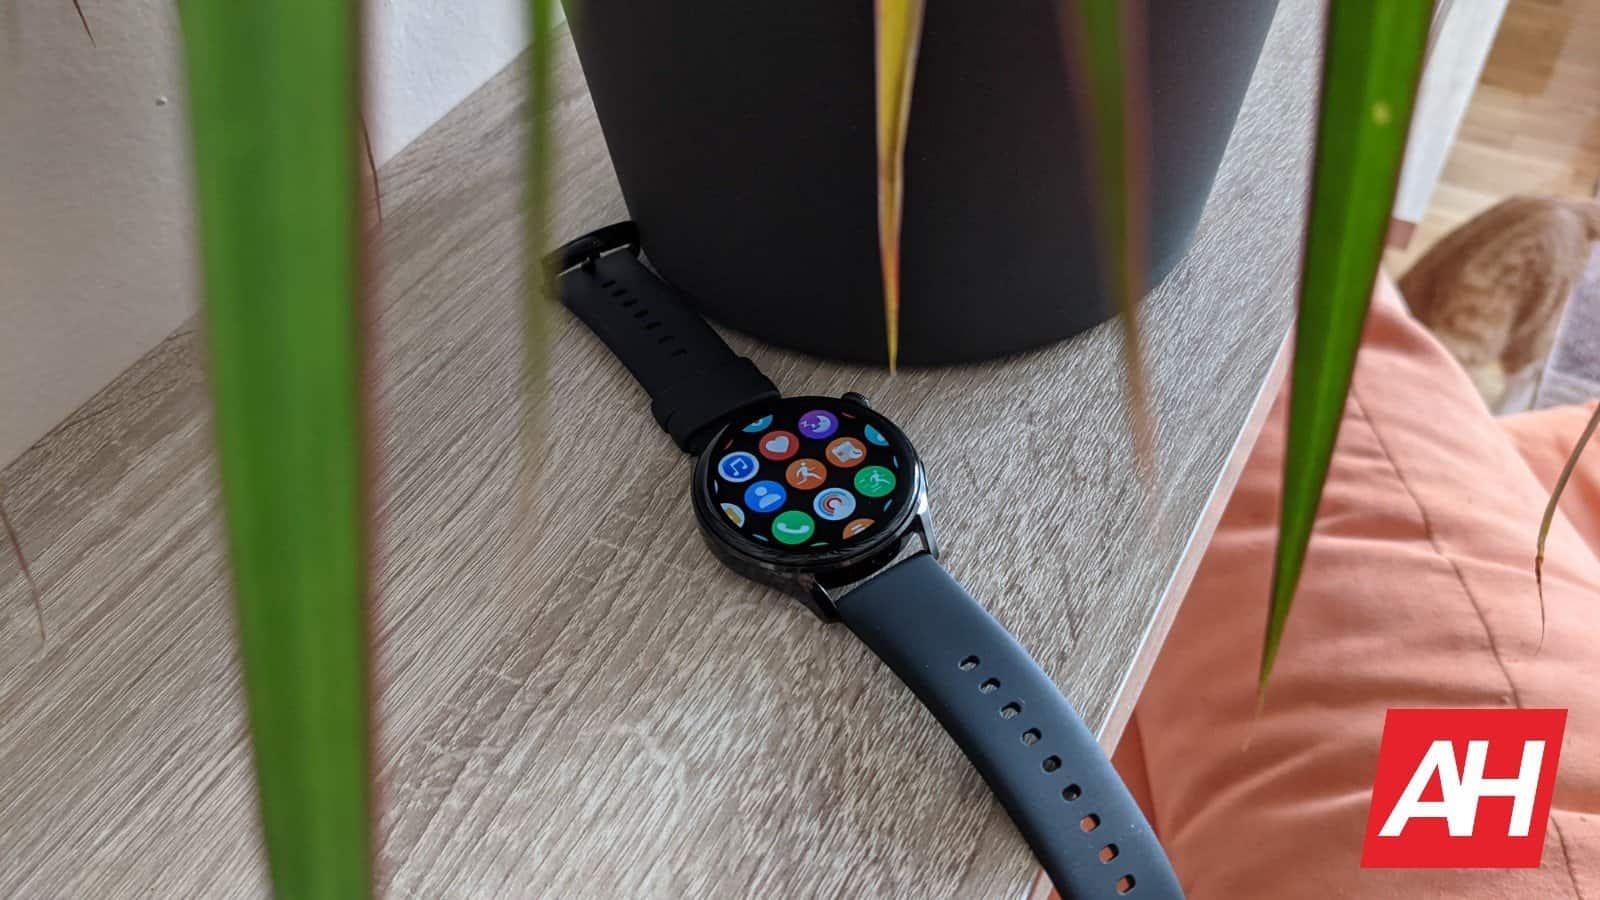 AH Huawei Watch 3 image 18